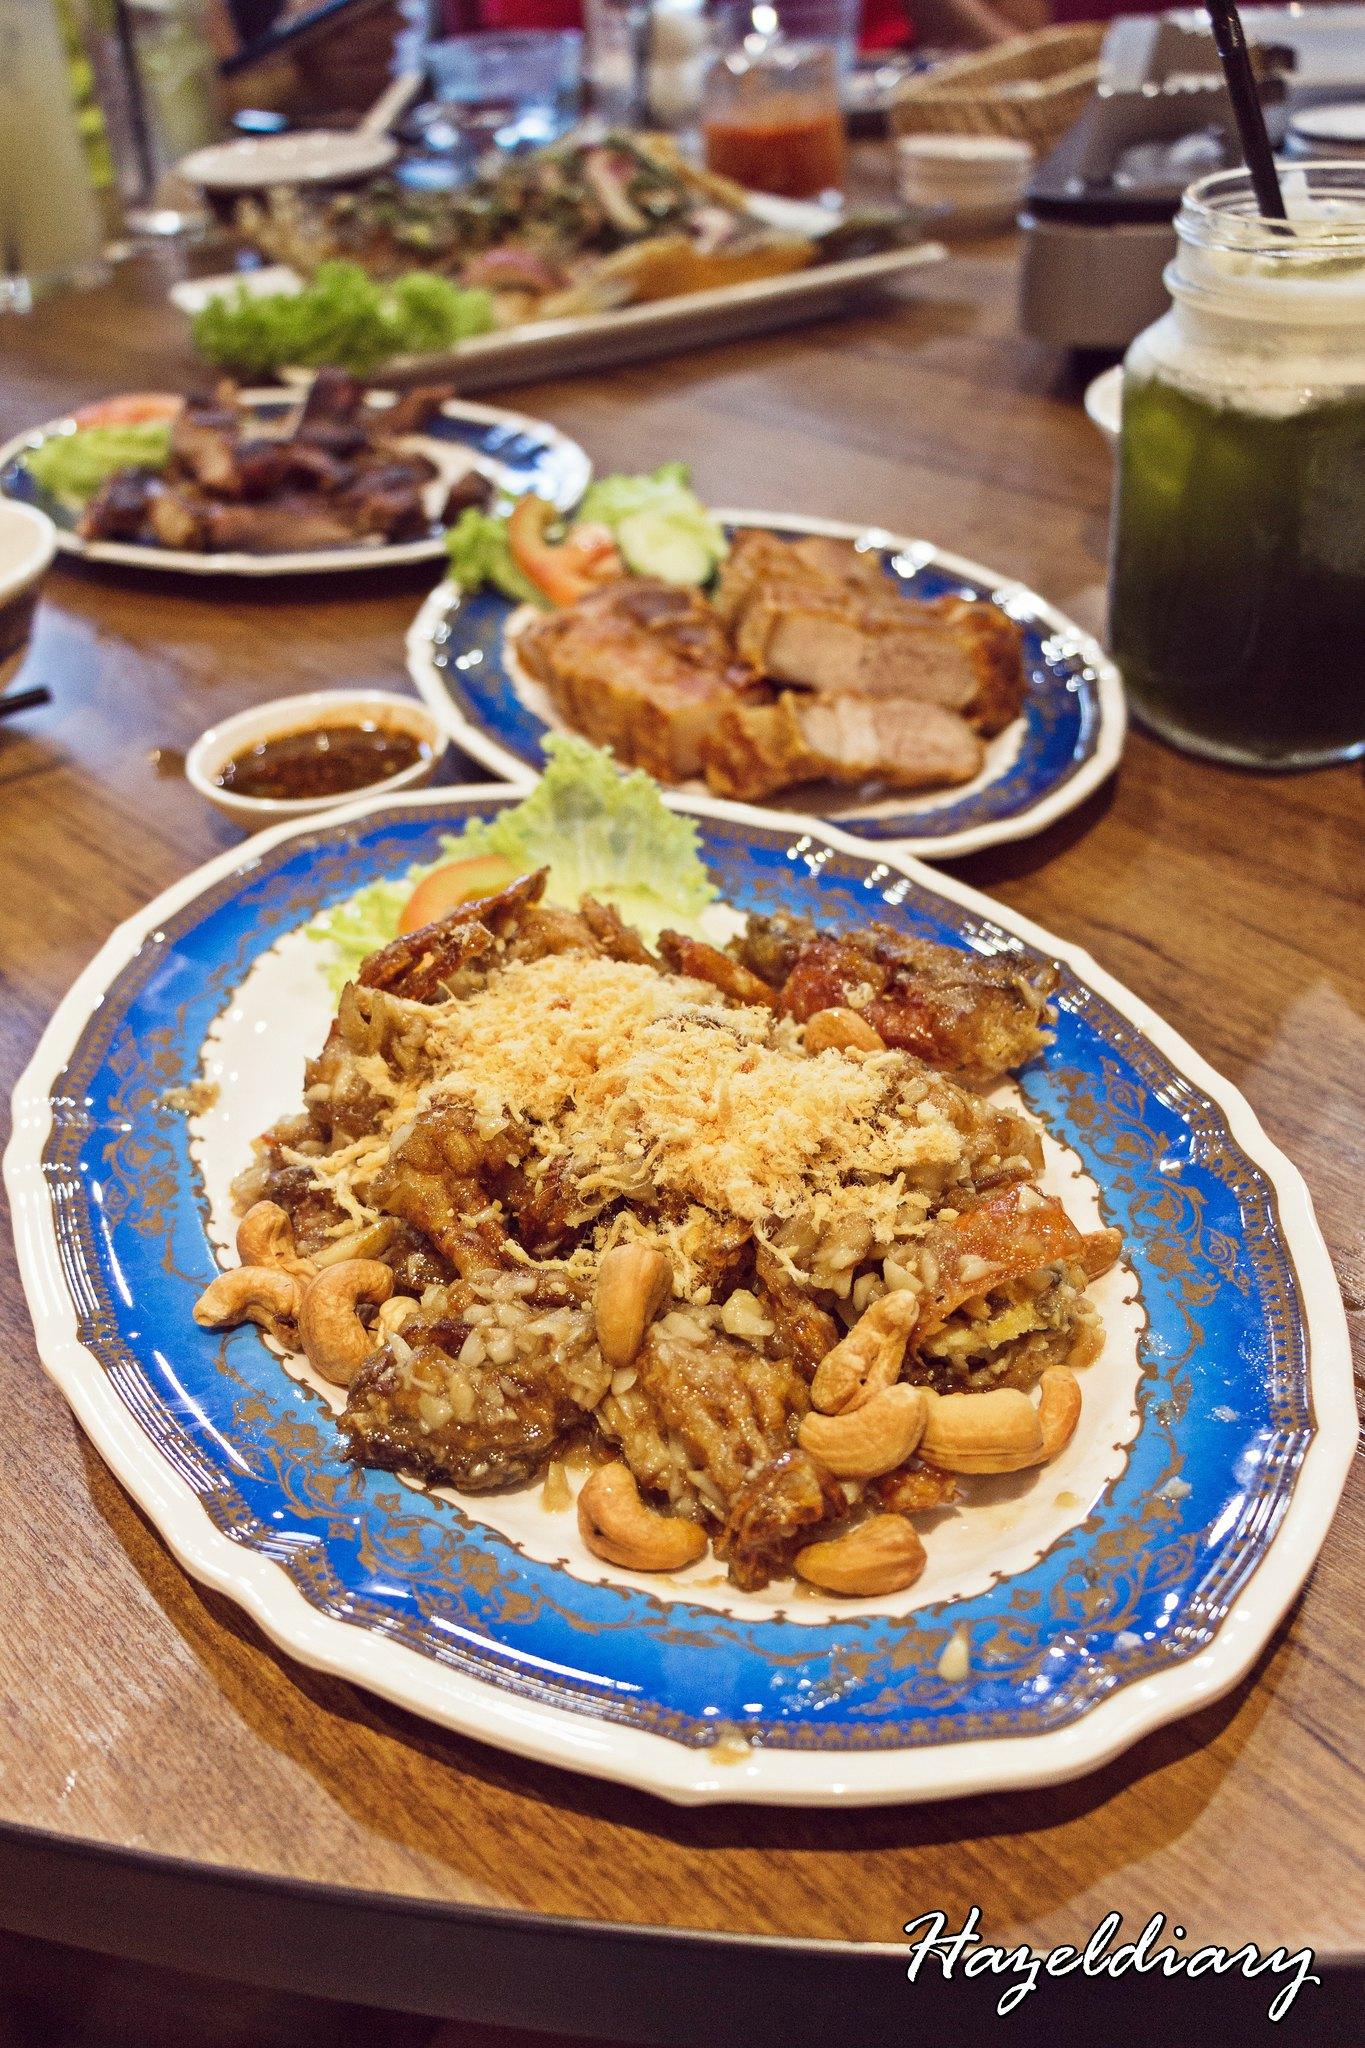 Soi Thai Soi Nice JEM-Hazeldiary-2